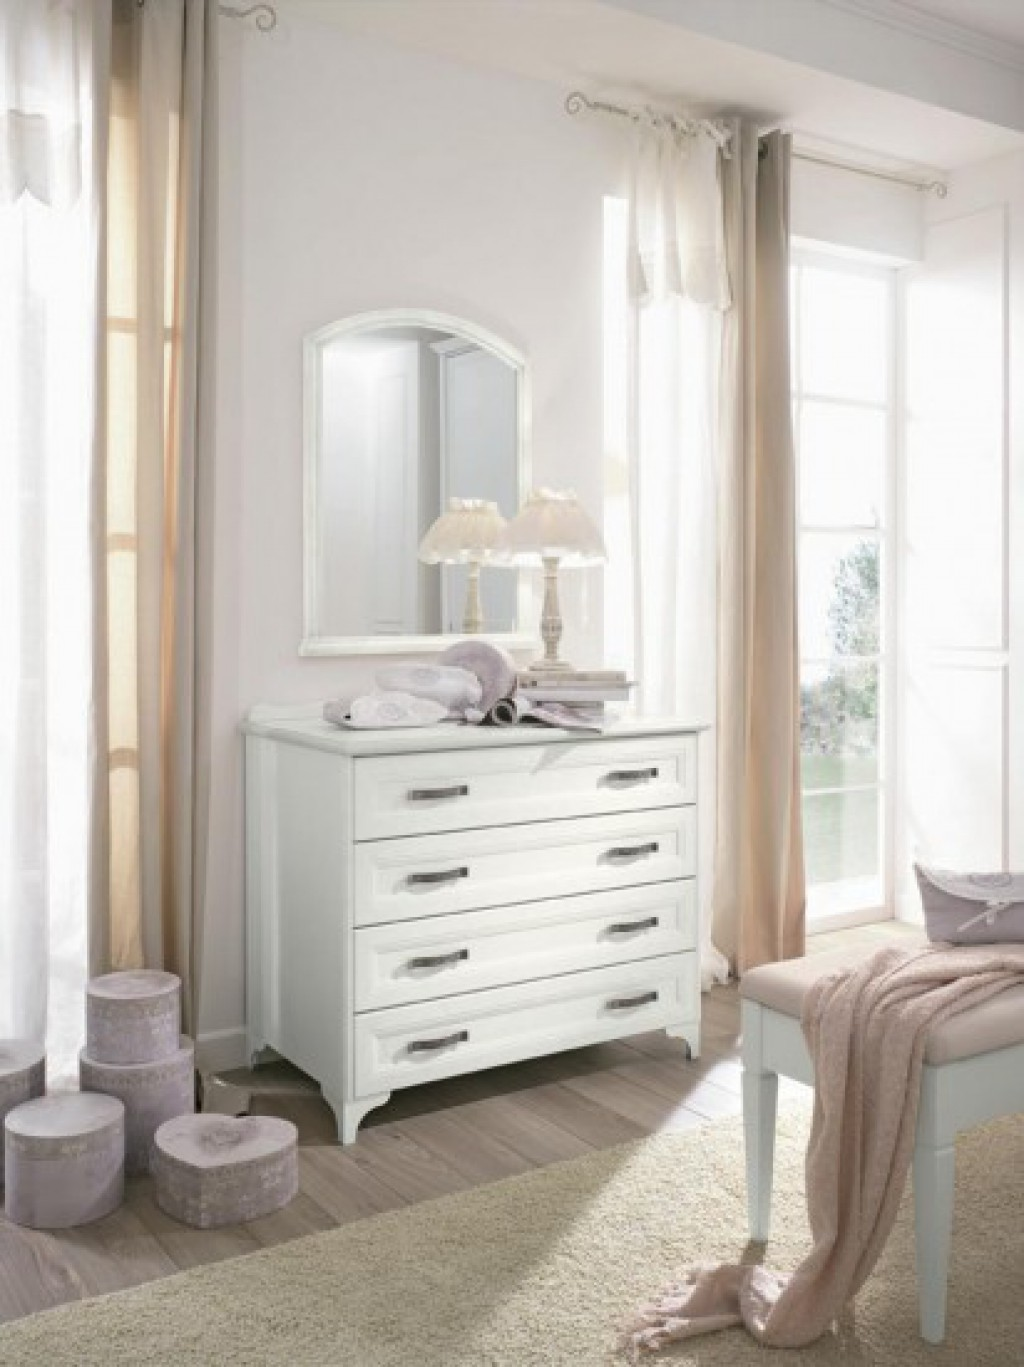 Camera classica oc am113 cucine mobili di qualit al for Mobili cucine qualita